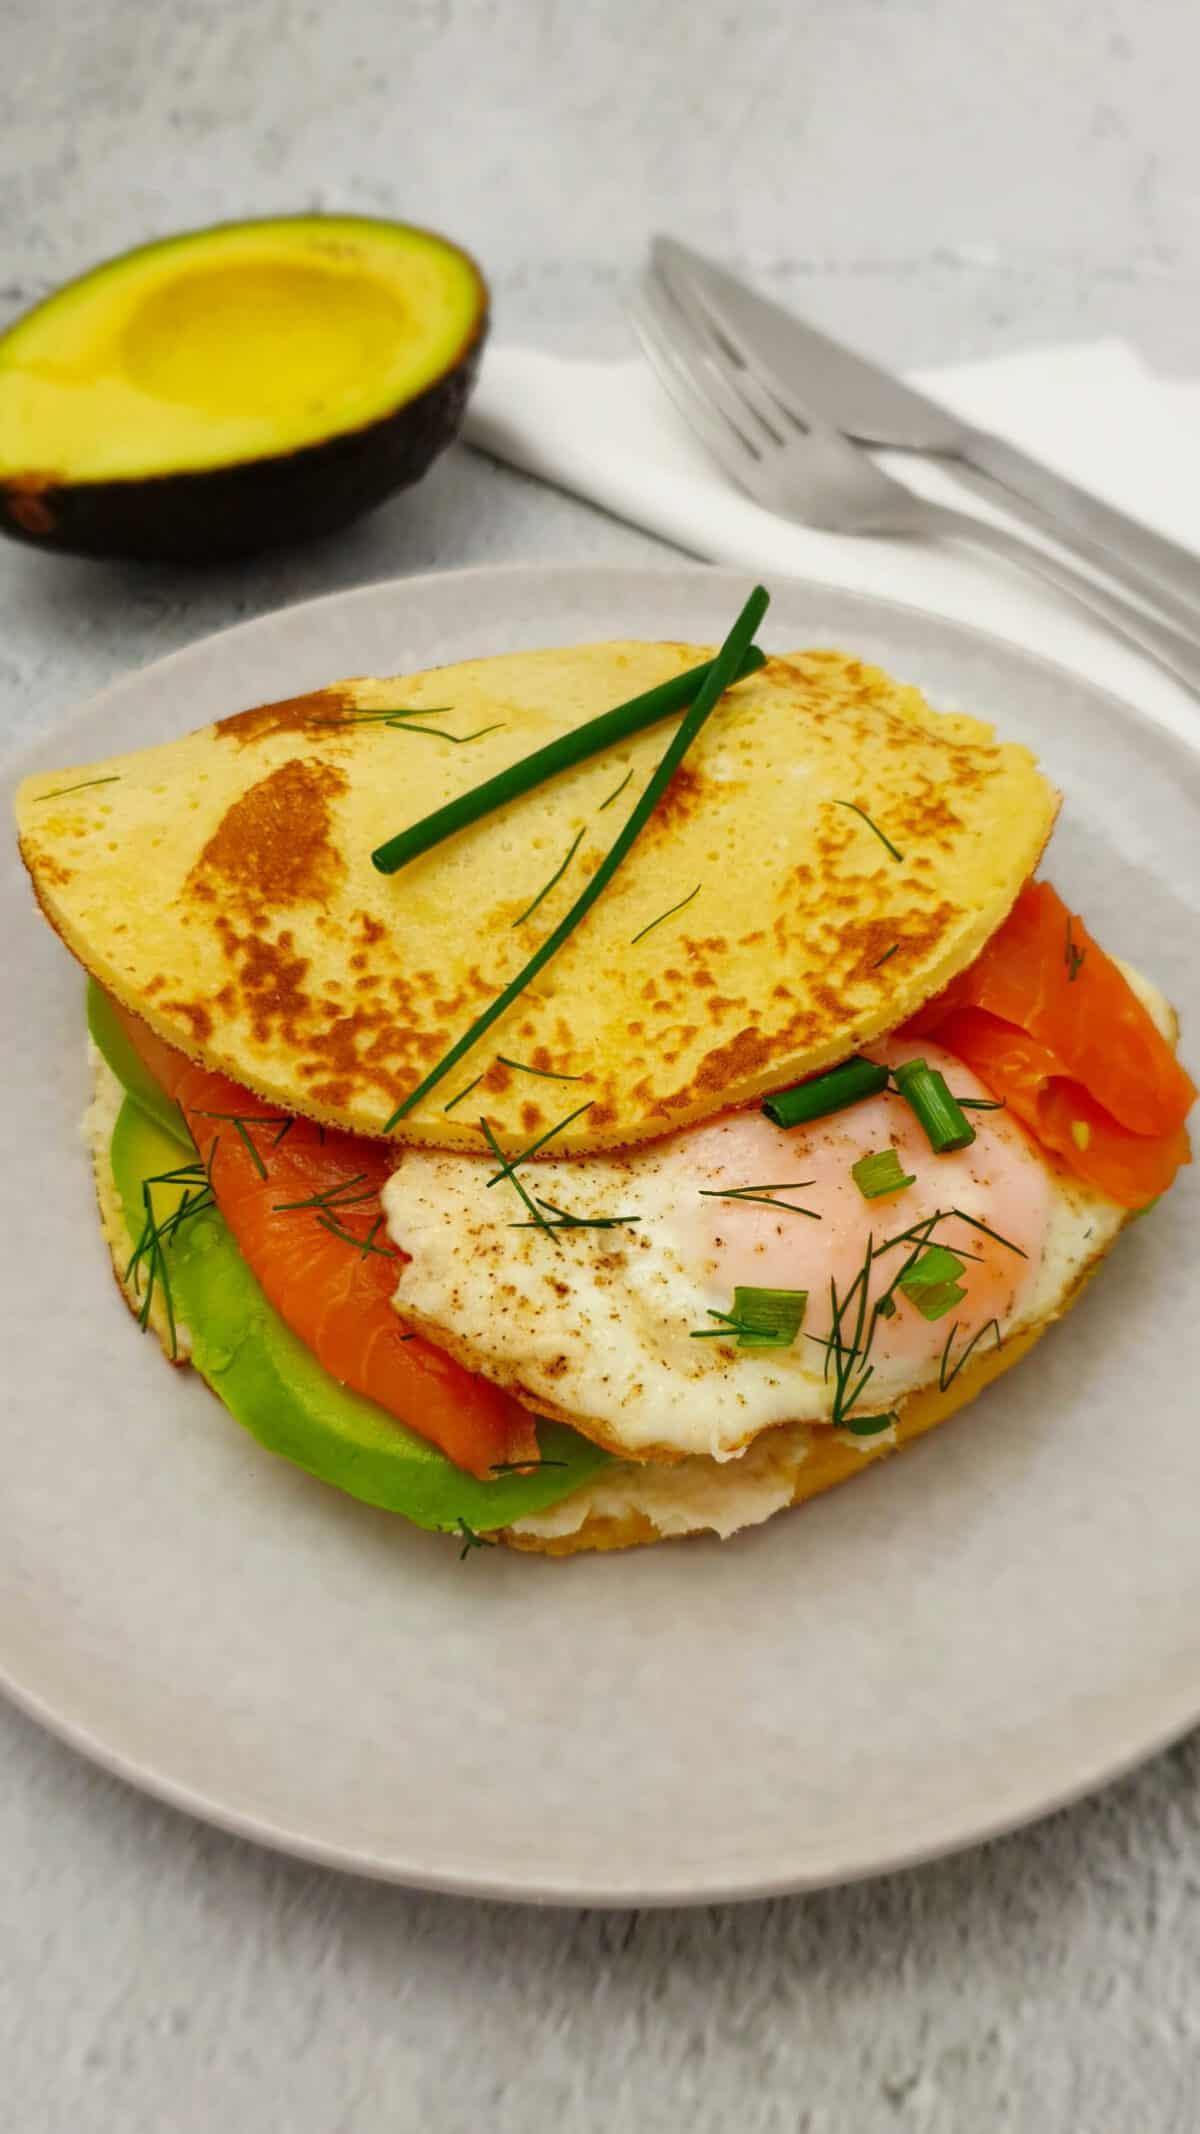 Pfannkuchen Burger - Pancake Burger mit Lachs und Avocado auf einem grauen Teller serviert.